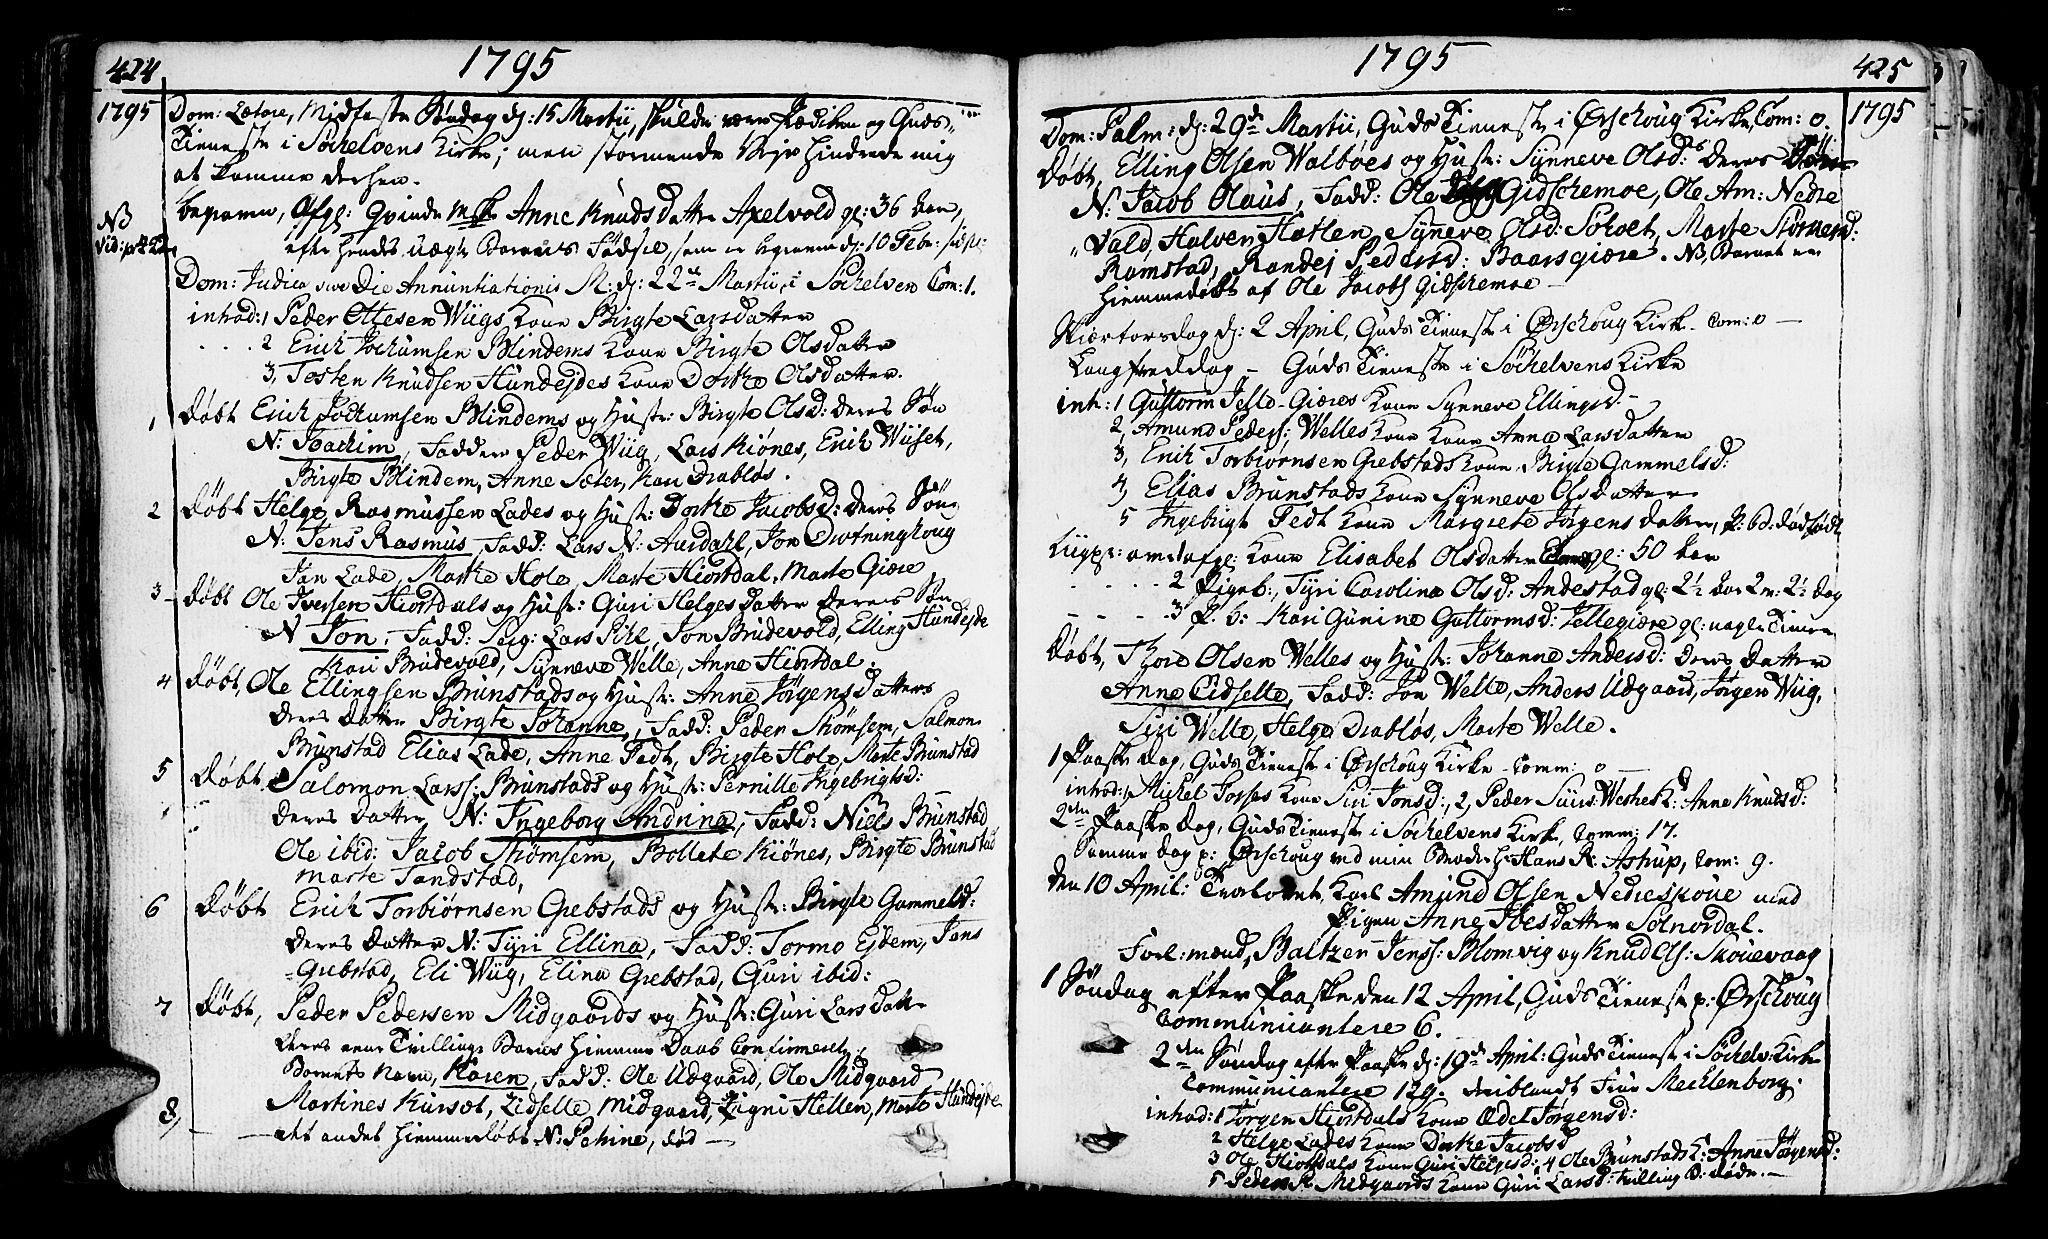 SAT, Ministerialprotokoller, klokkerbøker og fødselsregistre - Møre og Romsdal, 522/L0308: Ministerialbok nr. 522A03, 1773-1809, s. 424-425